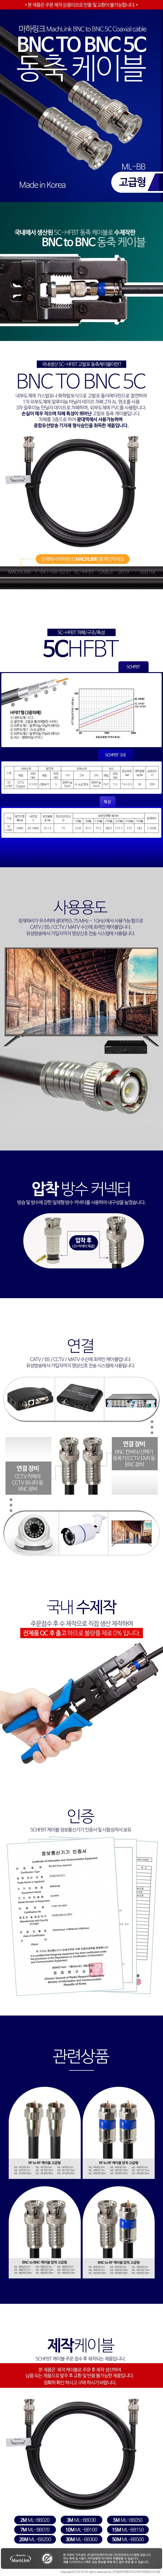 마하링크  BNC to BNC 5C 동축 케이블 (ML-BB)(20m)